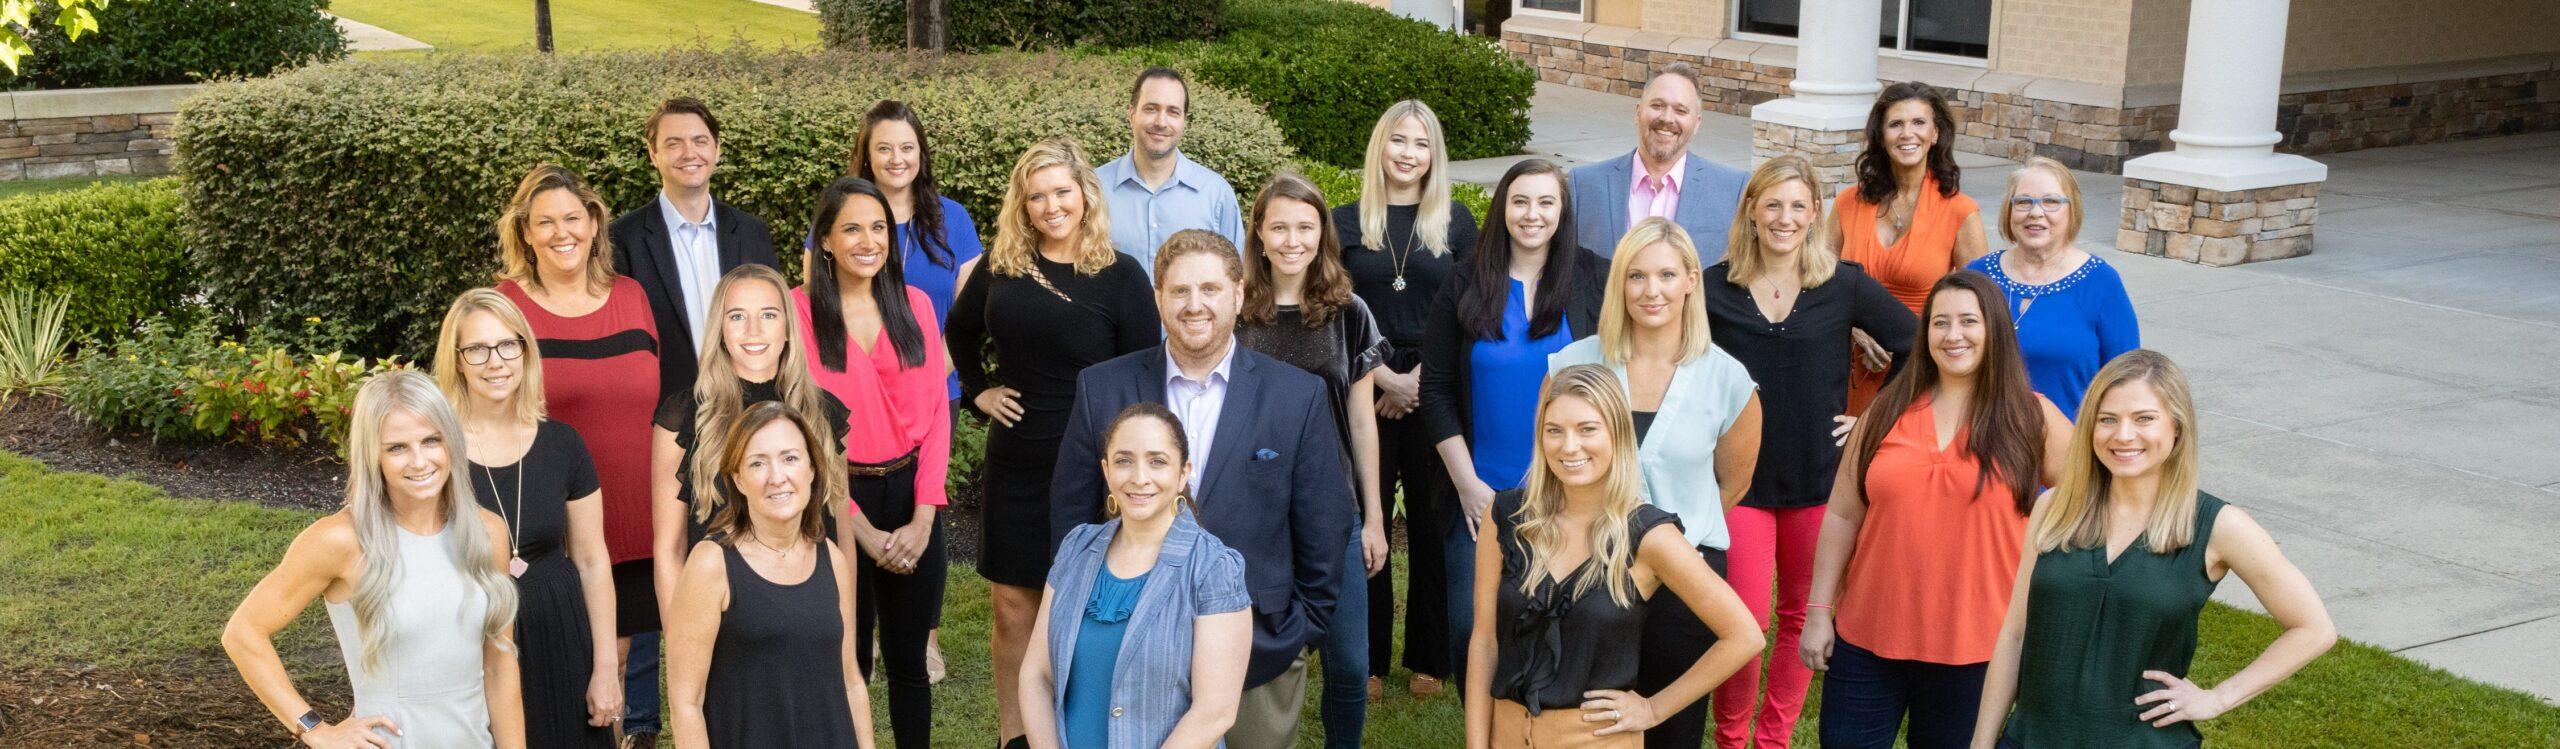 Meet The Team at AAE Speakers Bureau